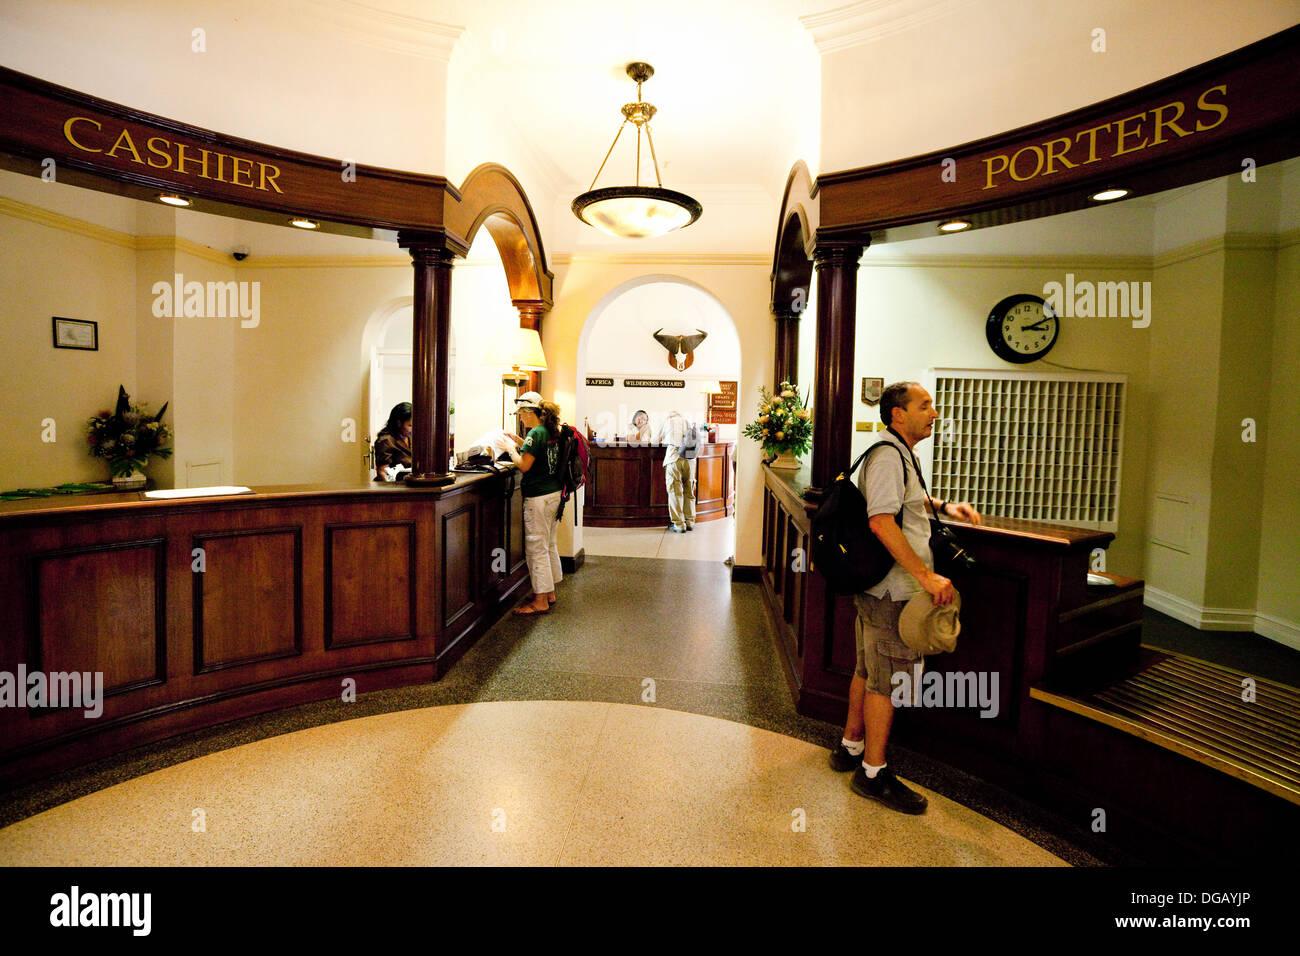 La réception de l'hôtel de luxe 5 étoiles de l'hôtel Victoria Falls, Zimbabwe, Afrique du Sud Photo Stock